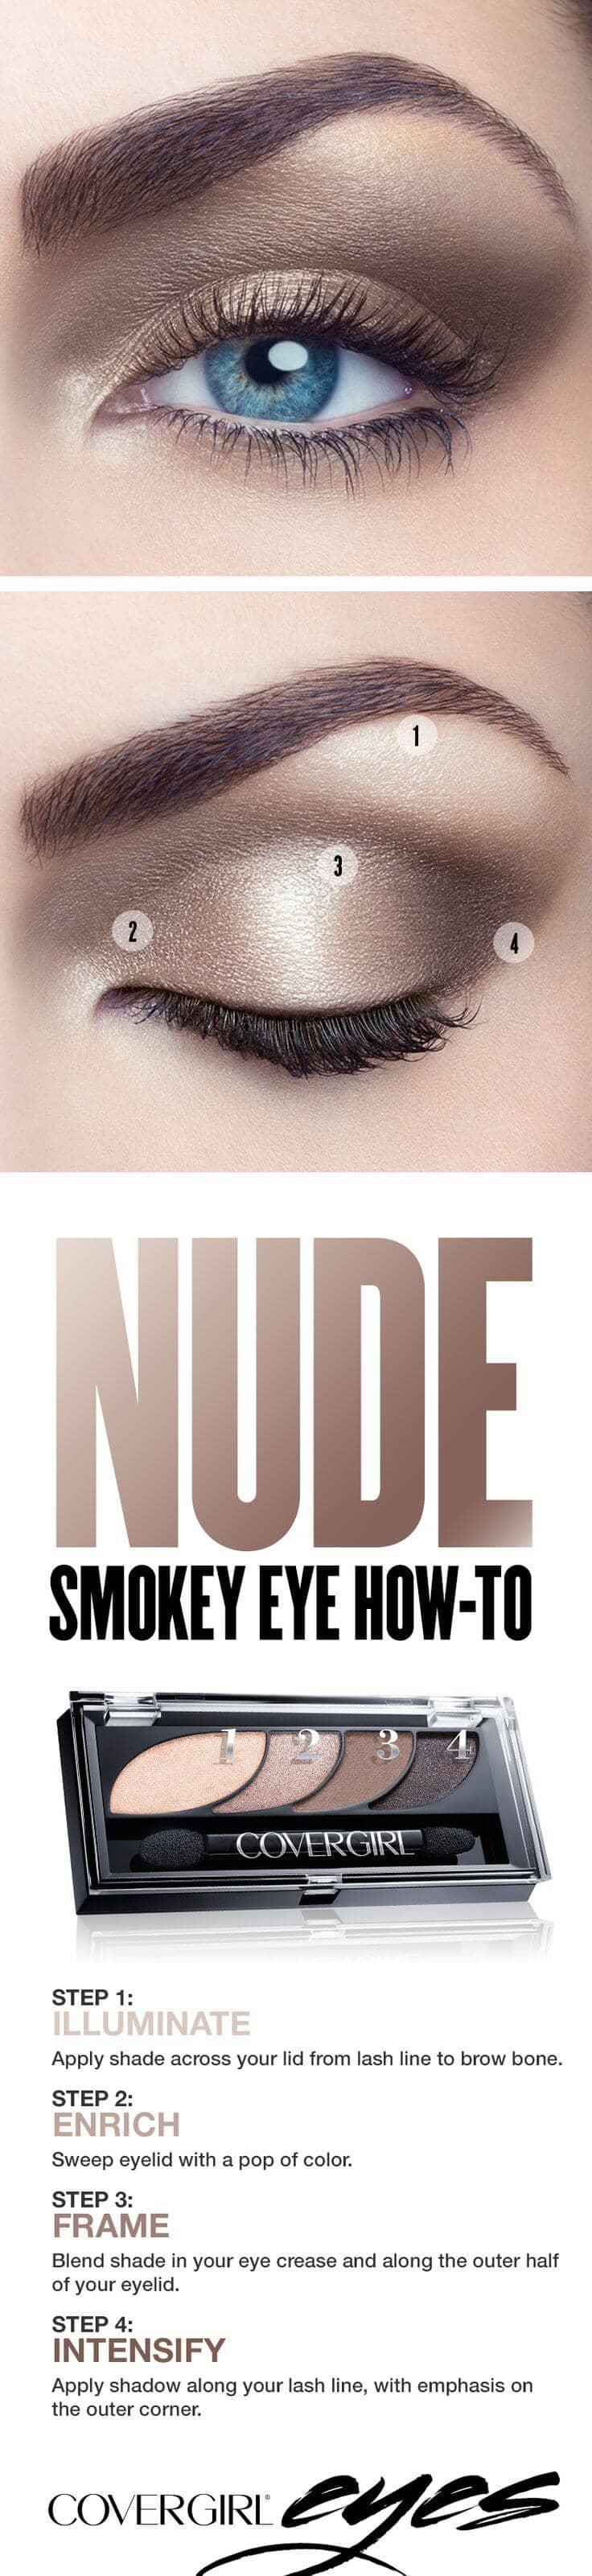 Nude Hued Smokey Eye Tutorial